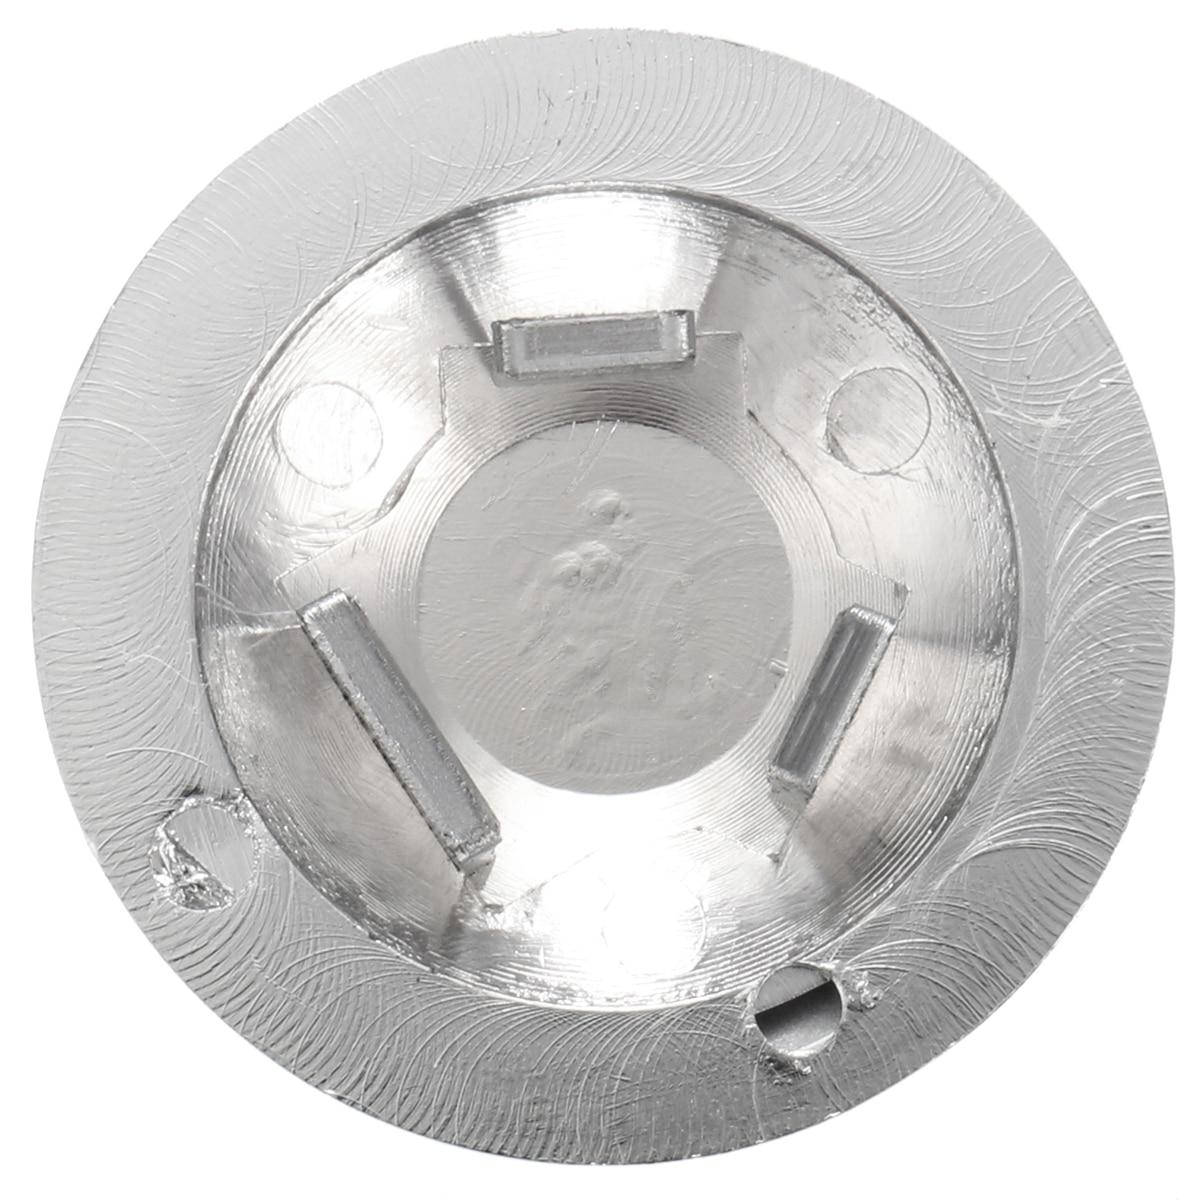 NICOLIE Solar Sun Power Voiture Auto Air Vent Ventilateur Cool Refroidisseur Syst/ème De Ventilation Radiateur